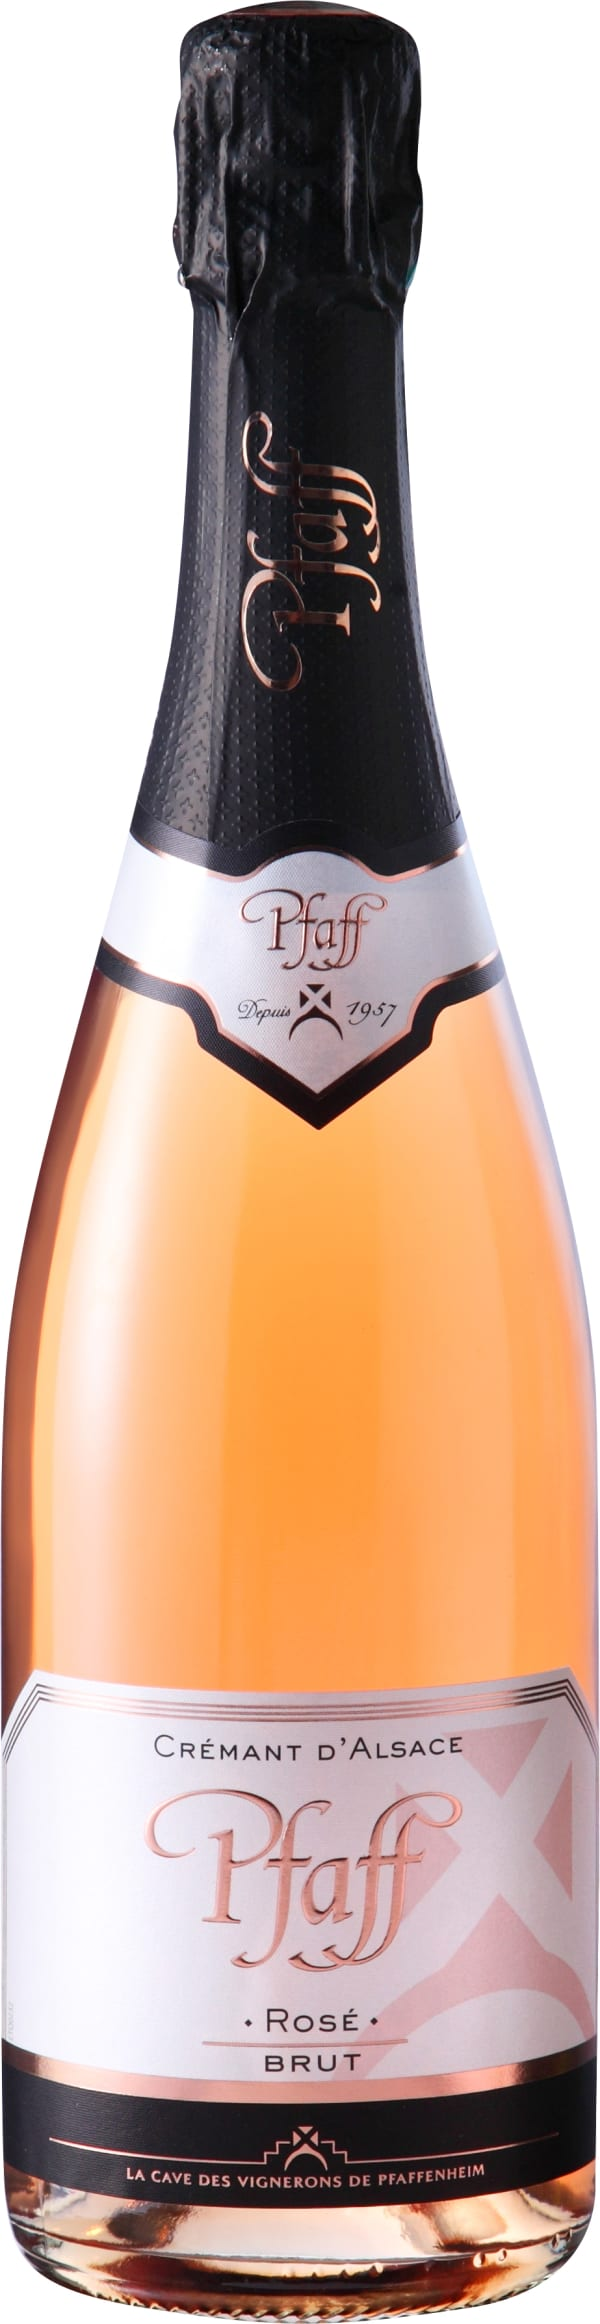 Pfaff Crémant d'Alsace Rosé Brut